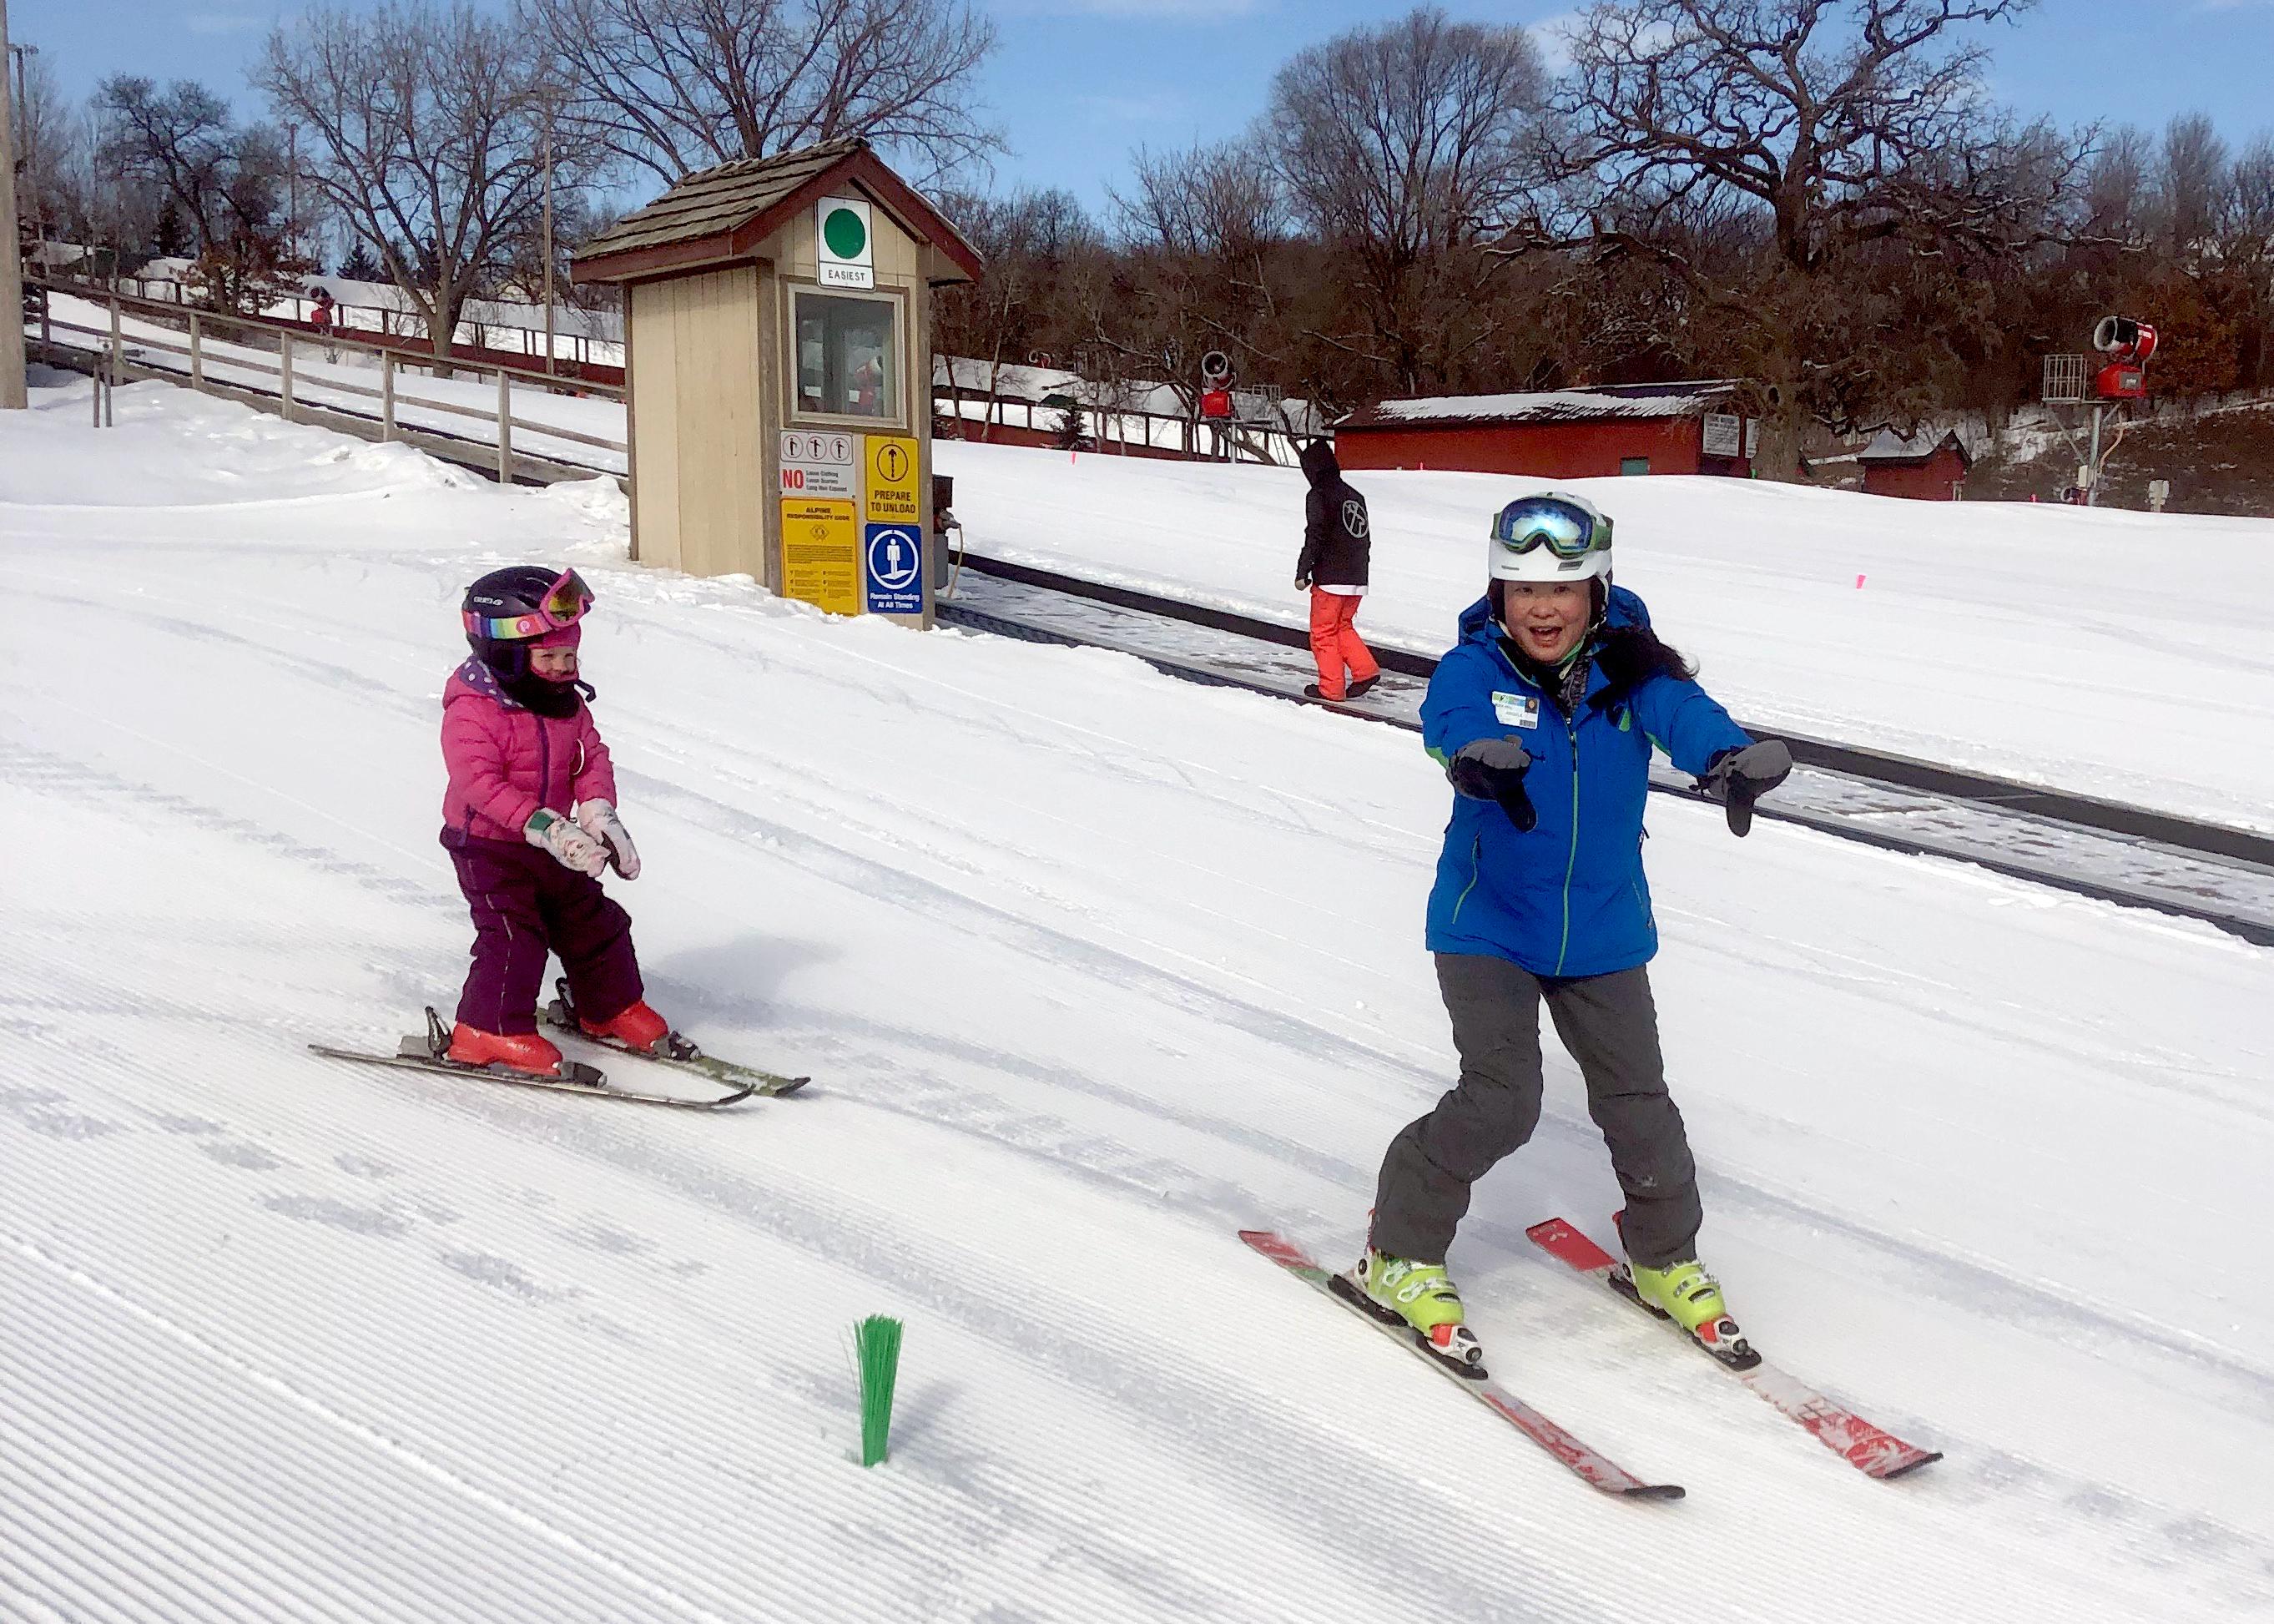 Private-Lesson-Child-Ski